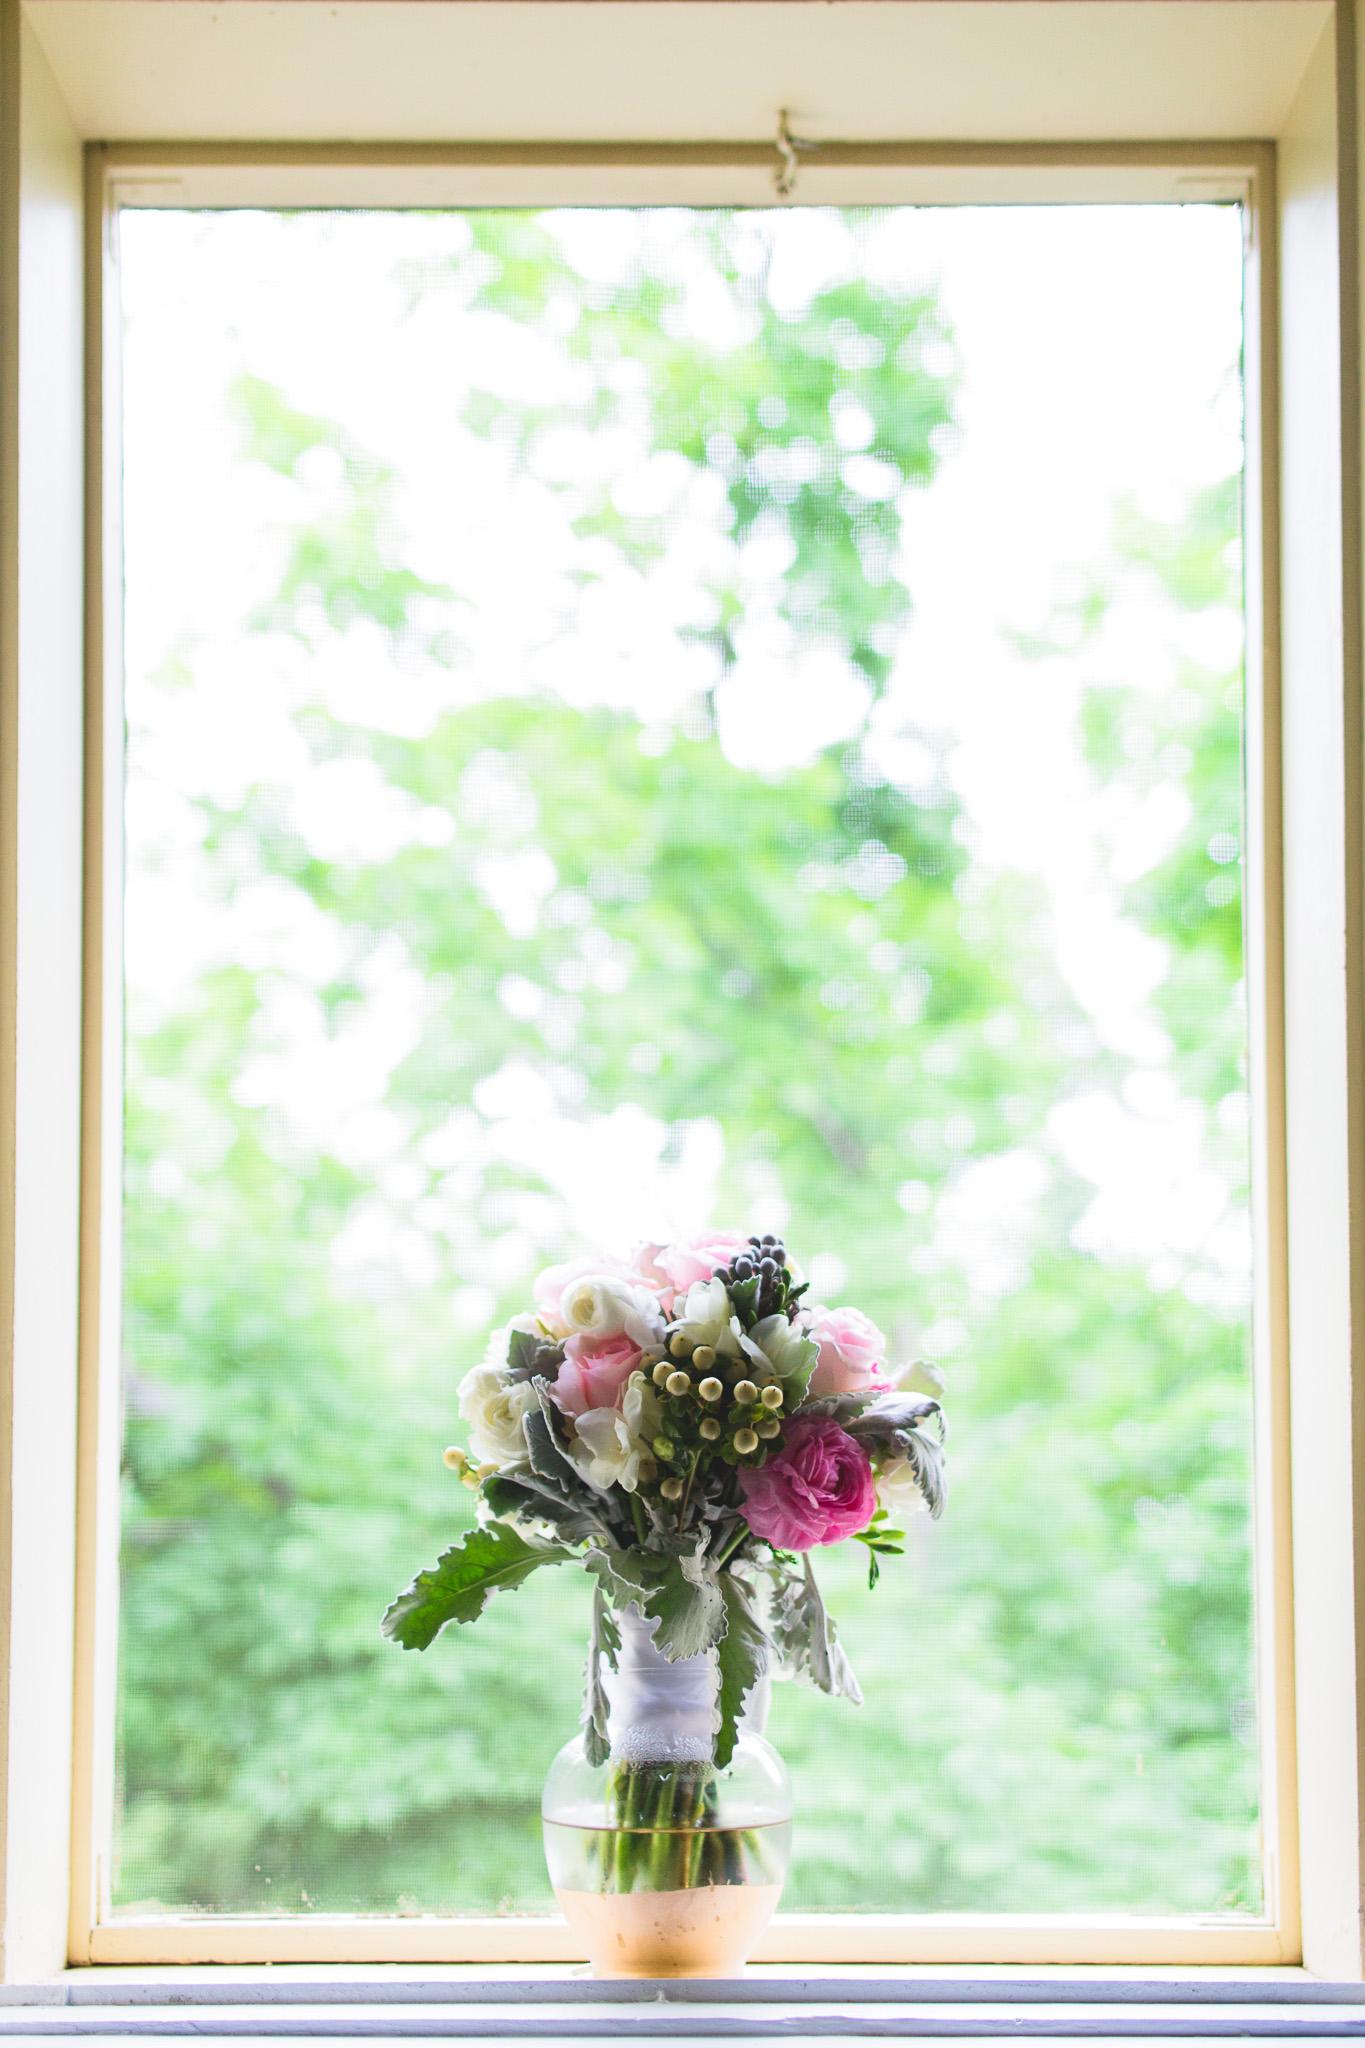 Bouquet-in-Window